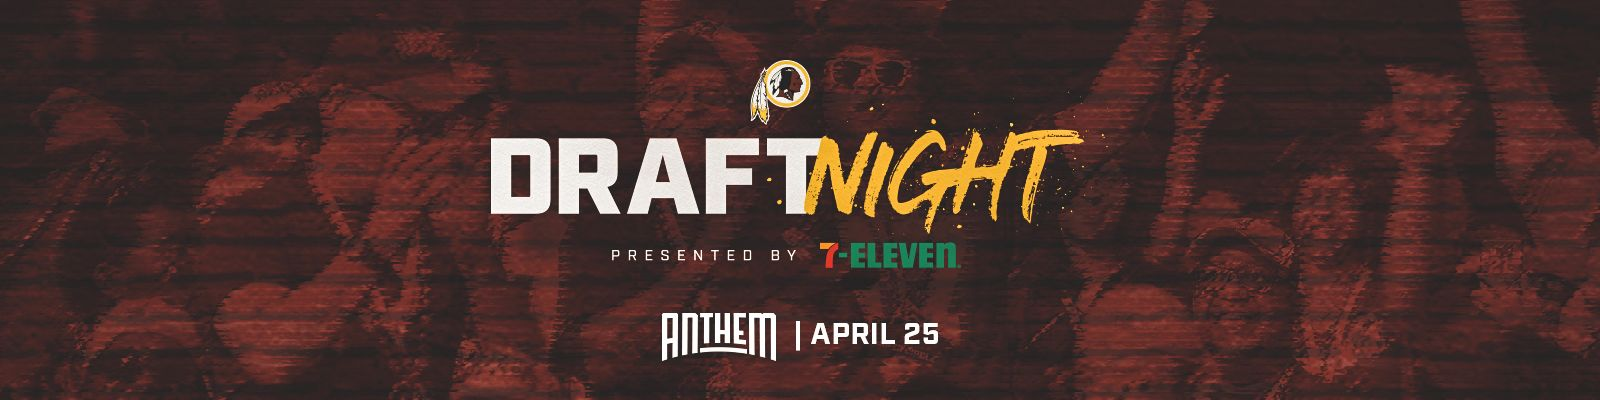 redskins_draft_night-header2